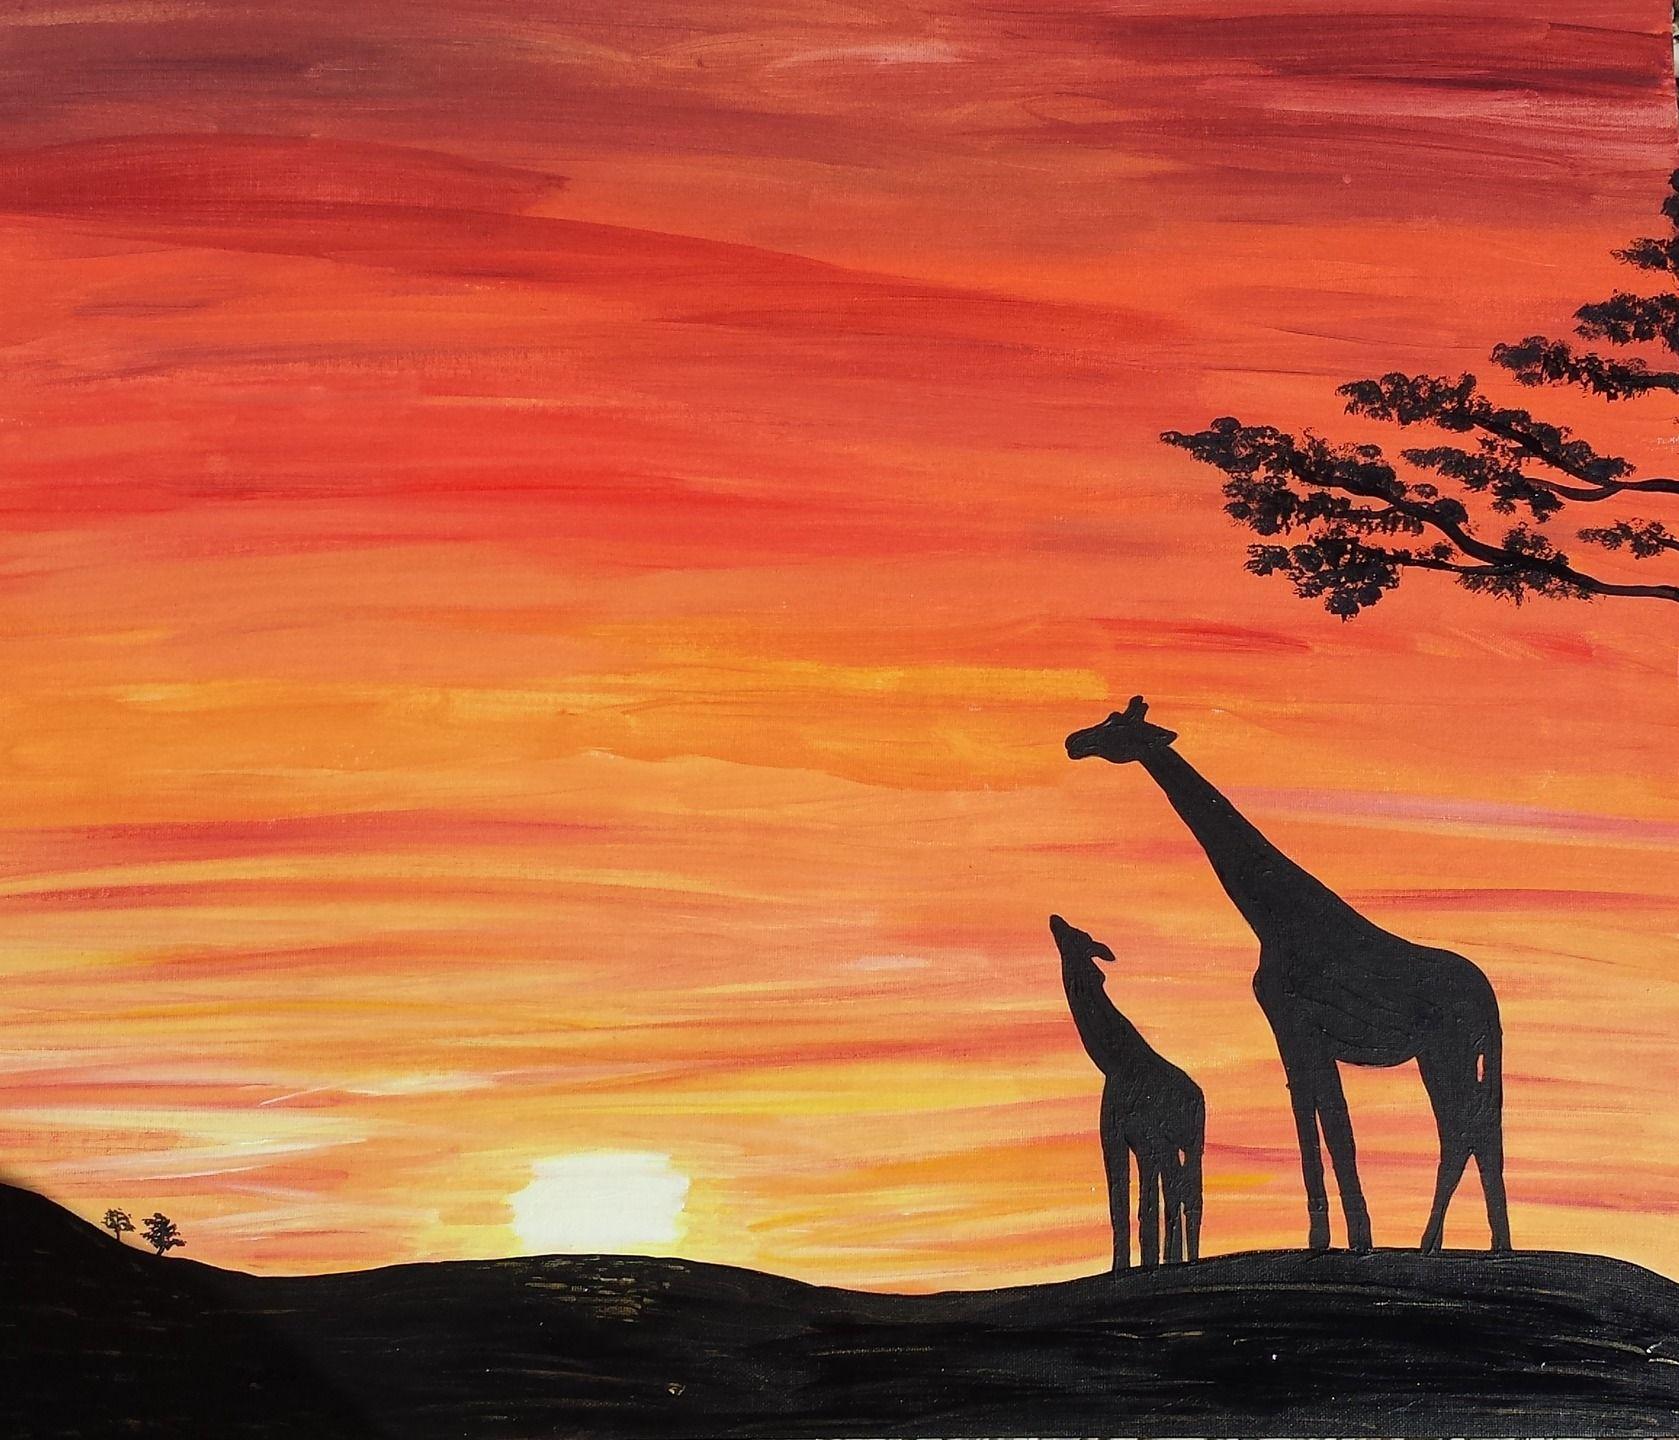 Magnifique coucher de soleil sur la savane peintures par - Dessin paysage africain ...